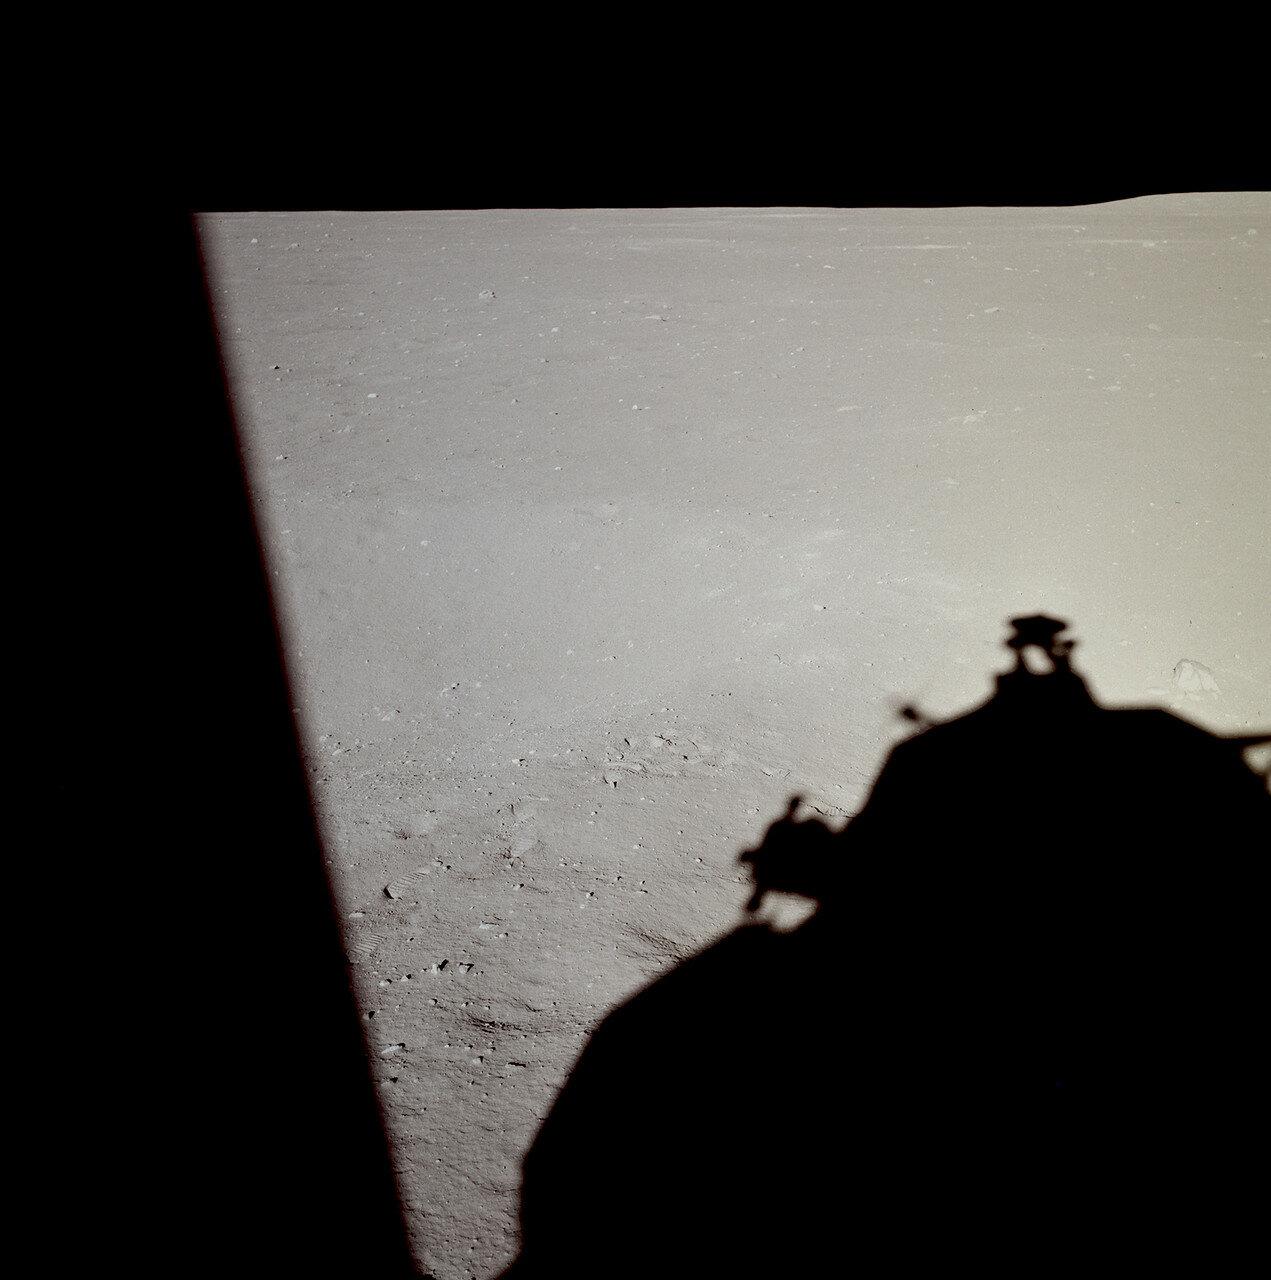 На высоте примерно 140 метров командир перевёл компьютер в полуавтоматический режим